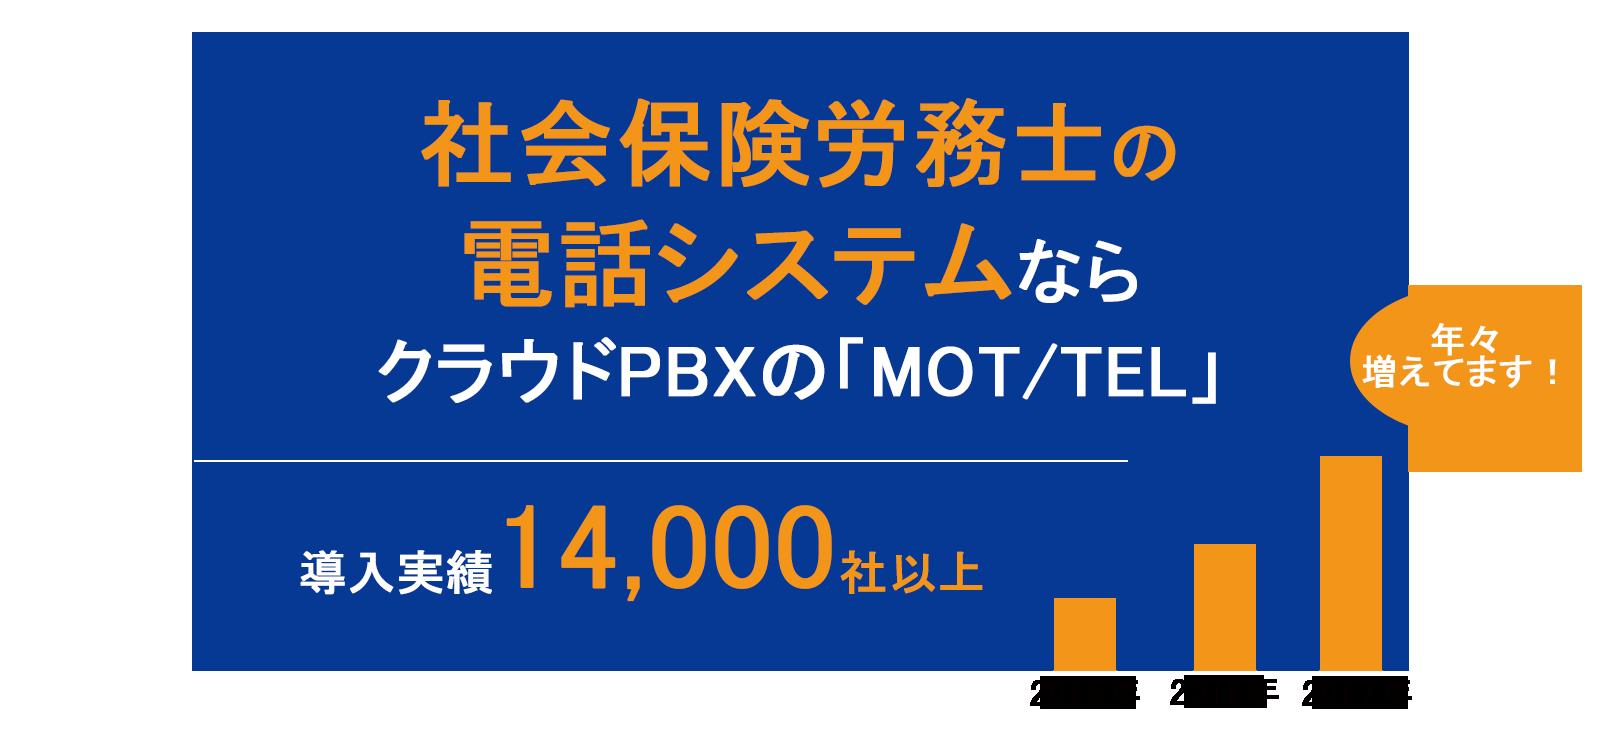 社会保険労務士の電話システムならクラウドPBX「MOT/TEL」